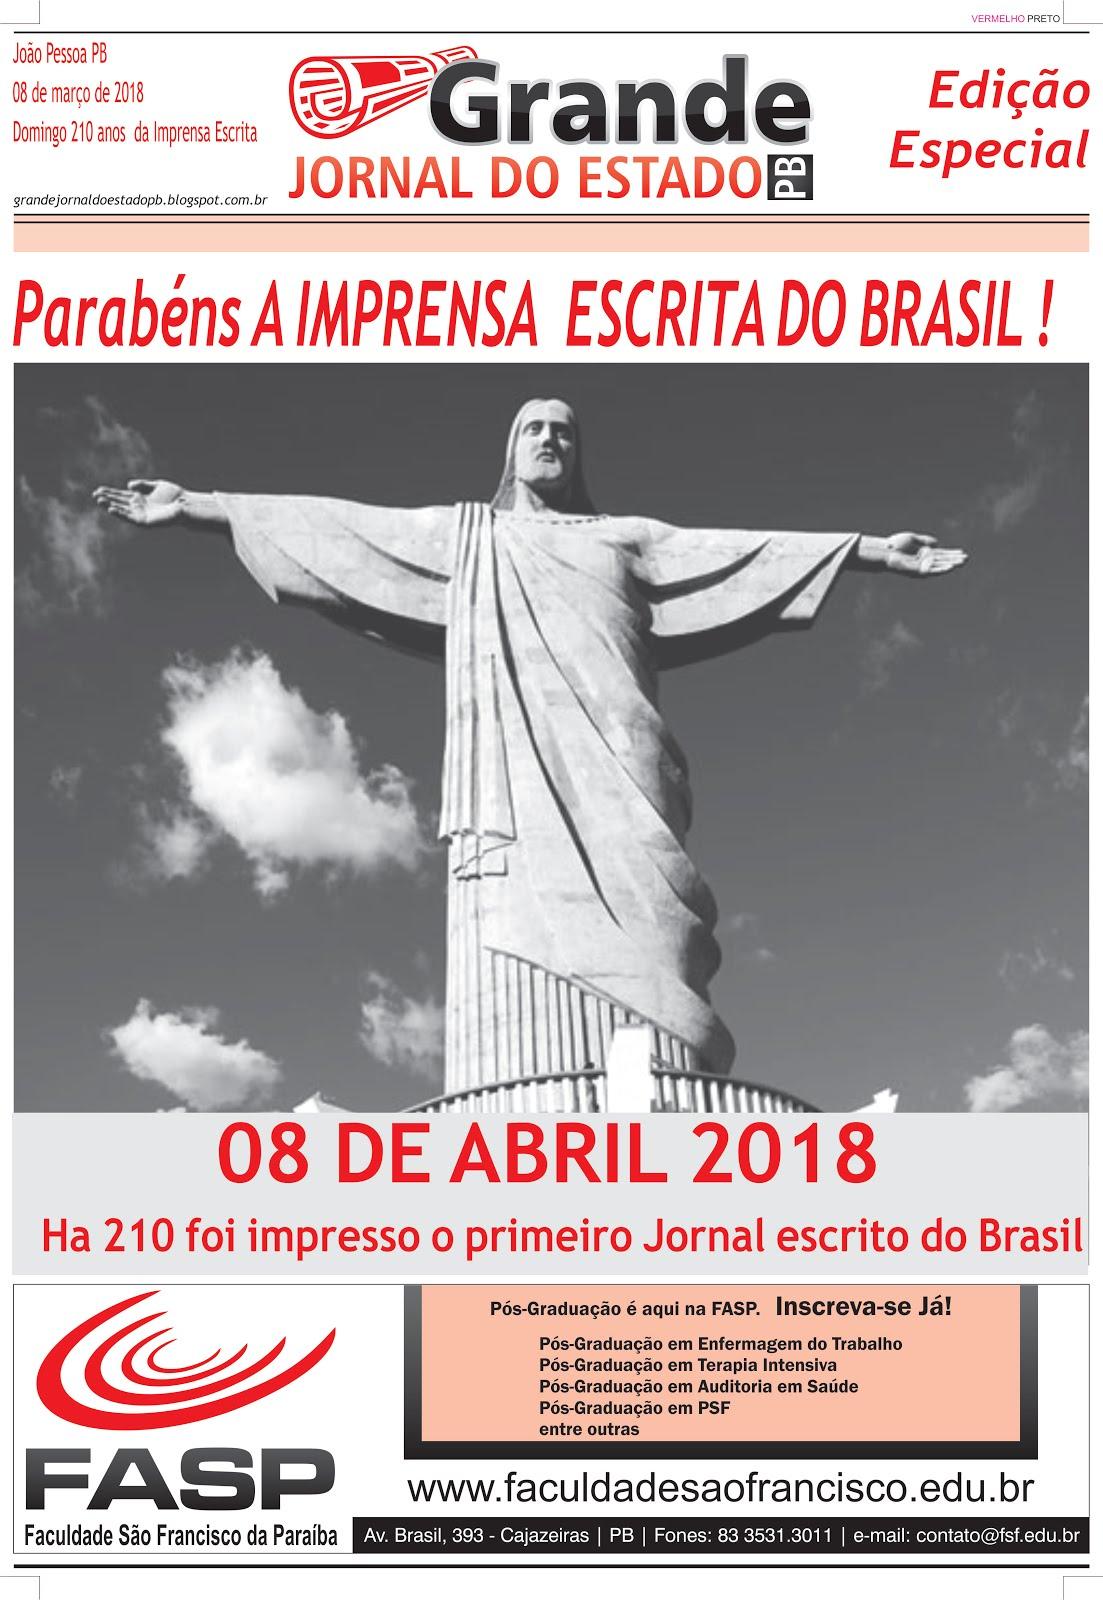 GRANDE JORNAL DO ESTADO PB  EDIÇÃO ABRIL  MAIO  2018